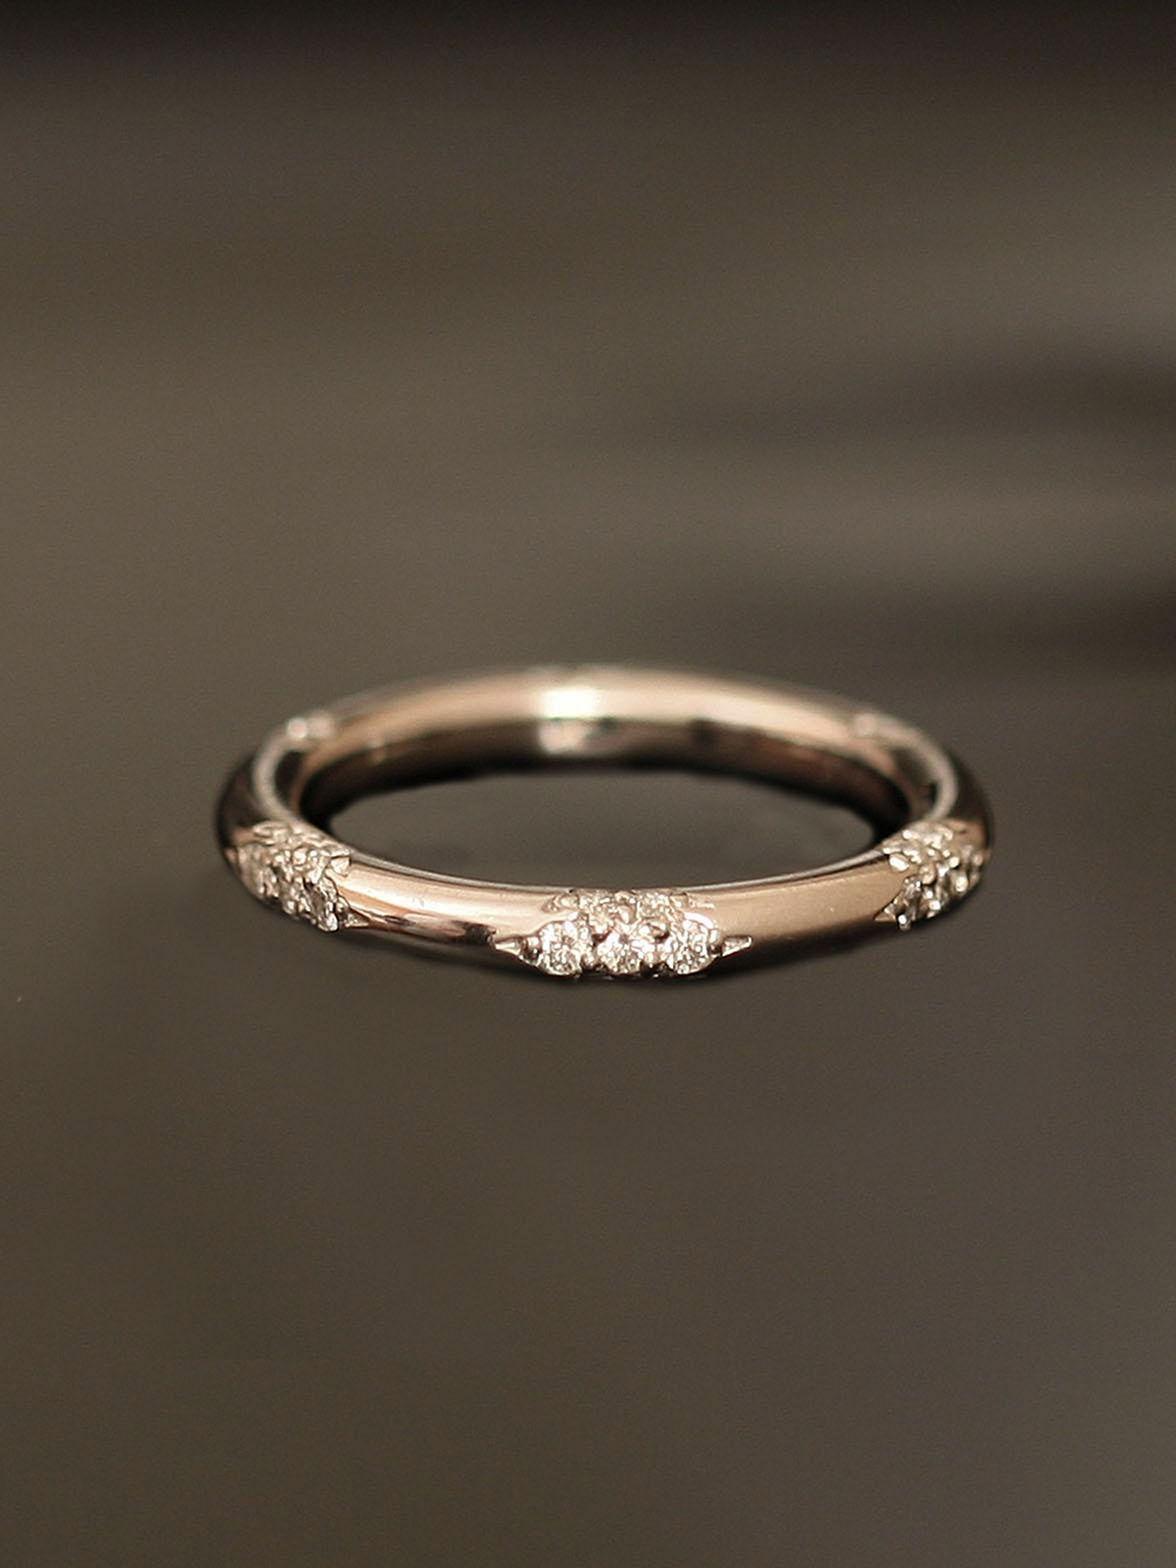 Vintage engagement rings antique wedding rings weddingrings